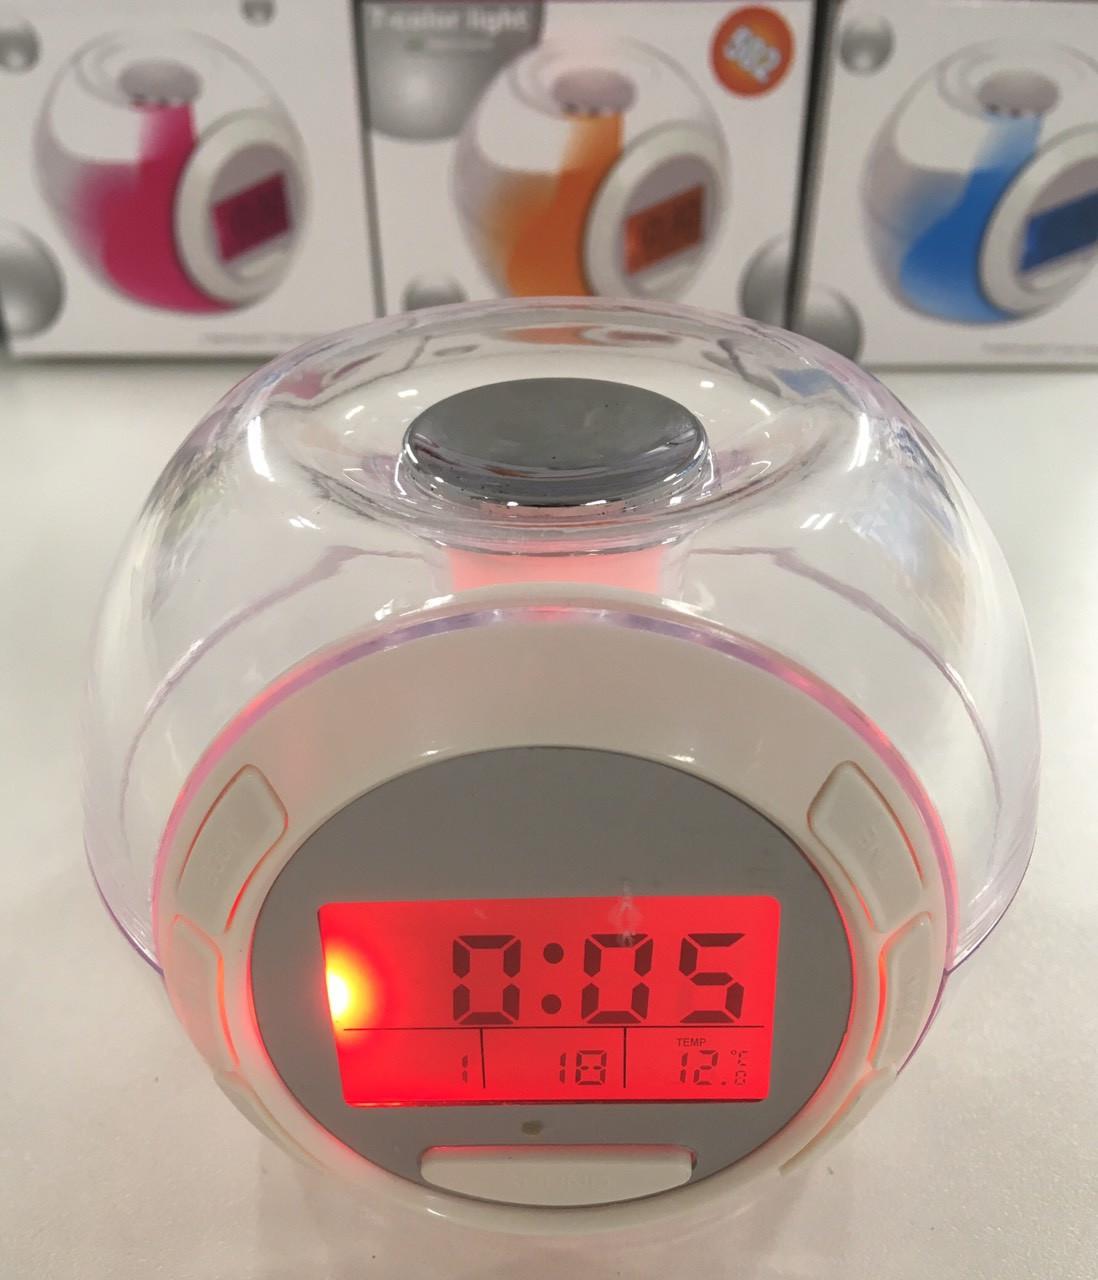 Светящиеся часы будильник Хамелеон 7 color light 502 с RGB подсветкой (AMC)